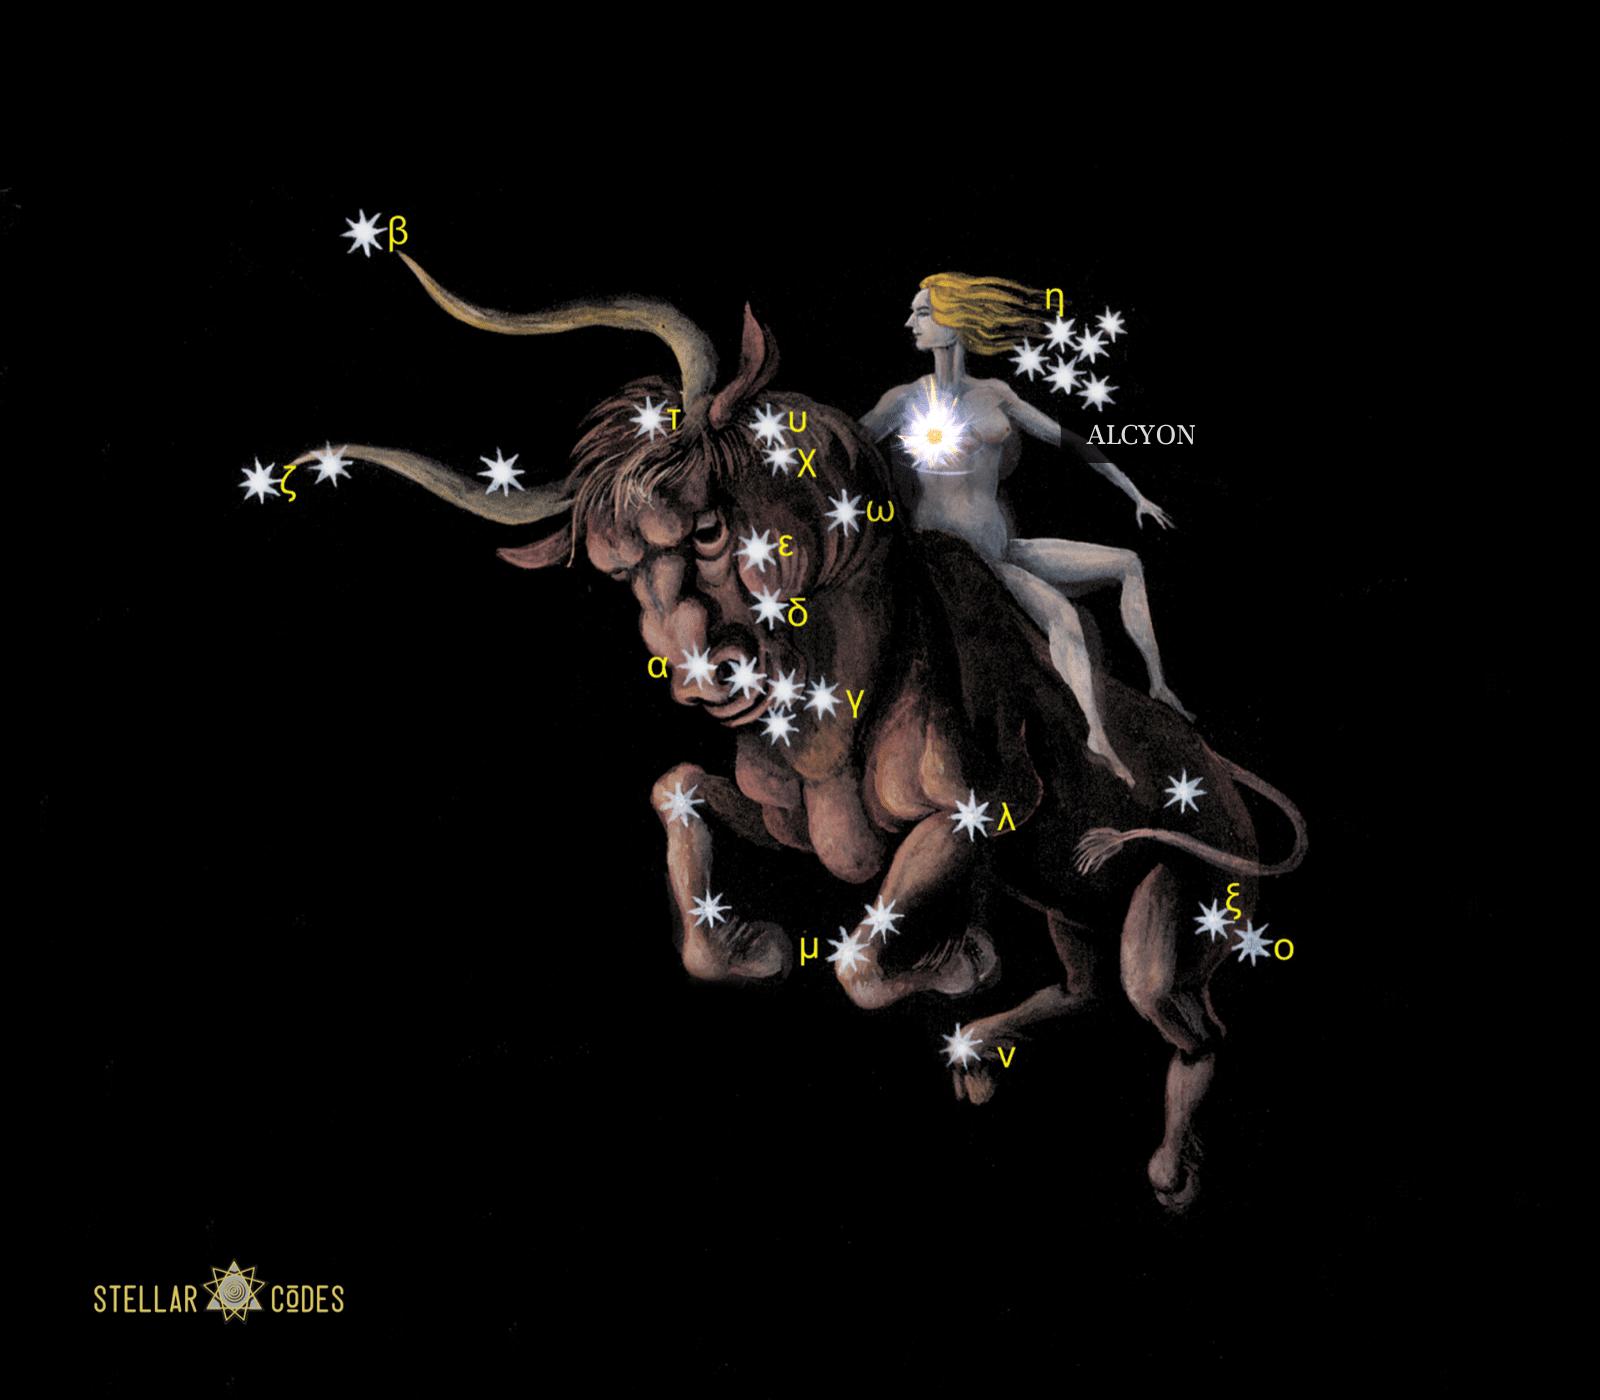 Stellar Code Alcyone